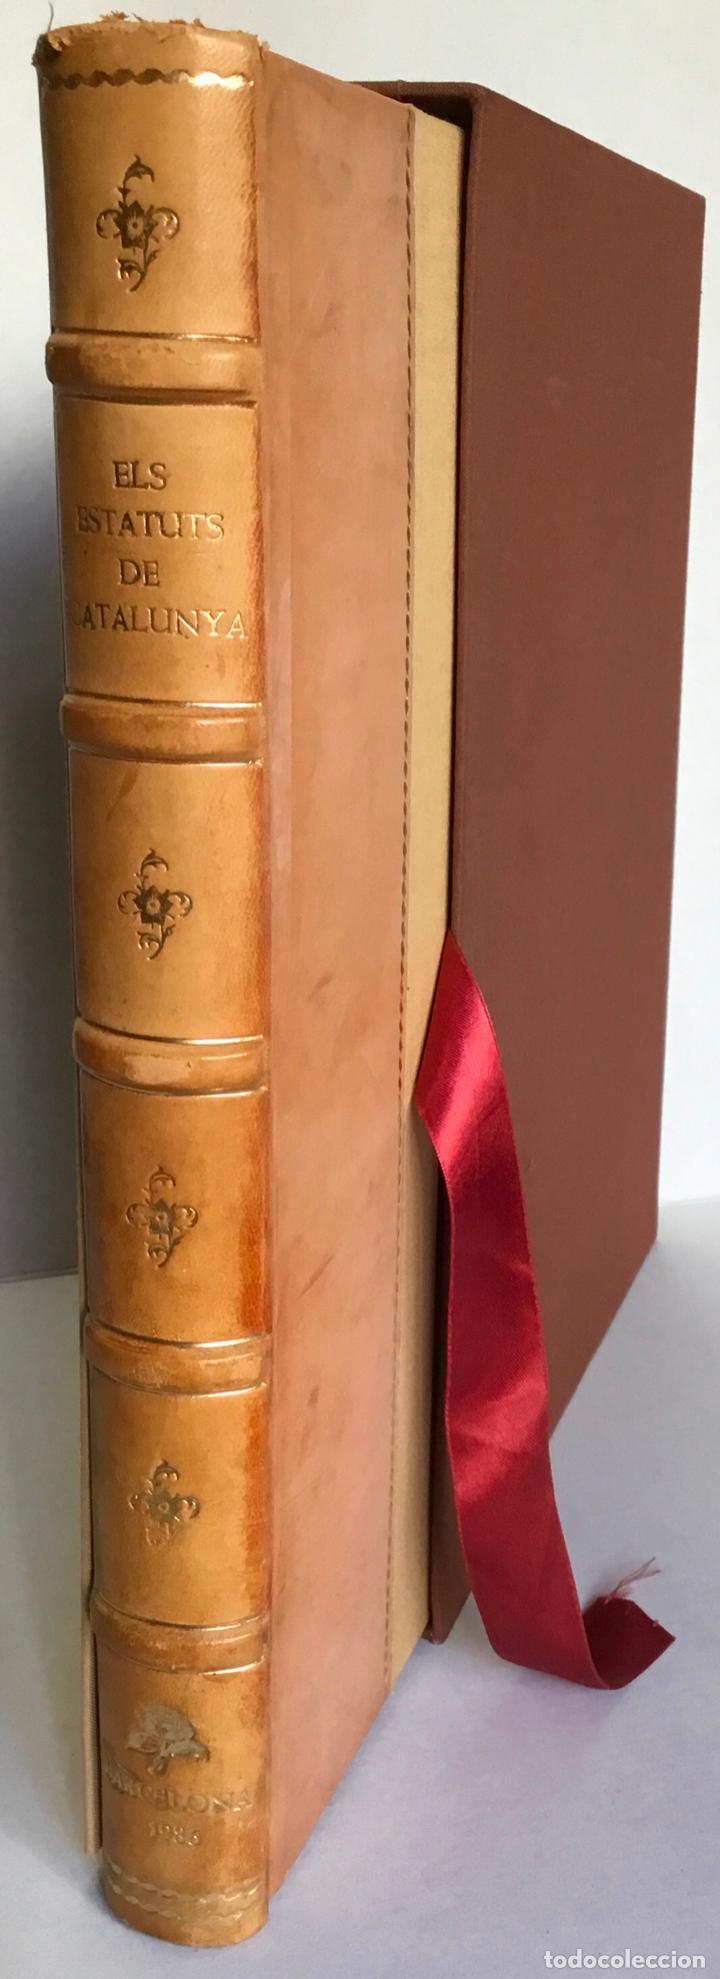 Libros antiguos: ESTATUTS (ELS) DE CATALUNYA. - Foto 2 - 123143904